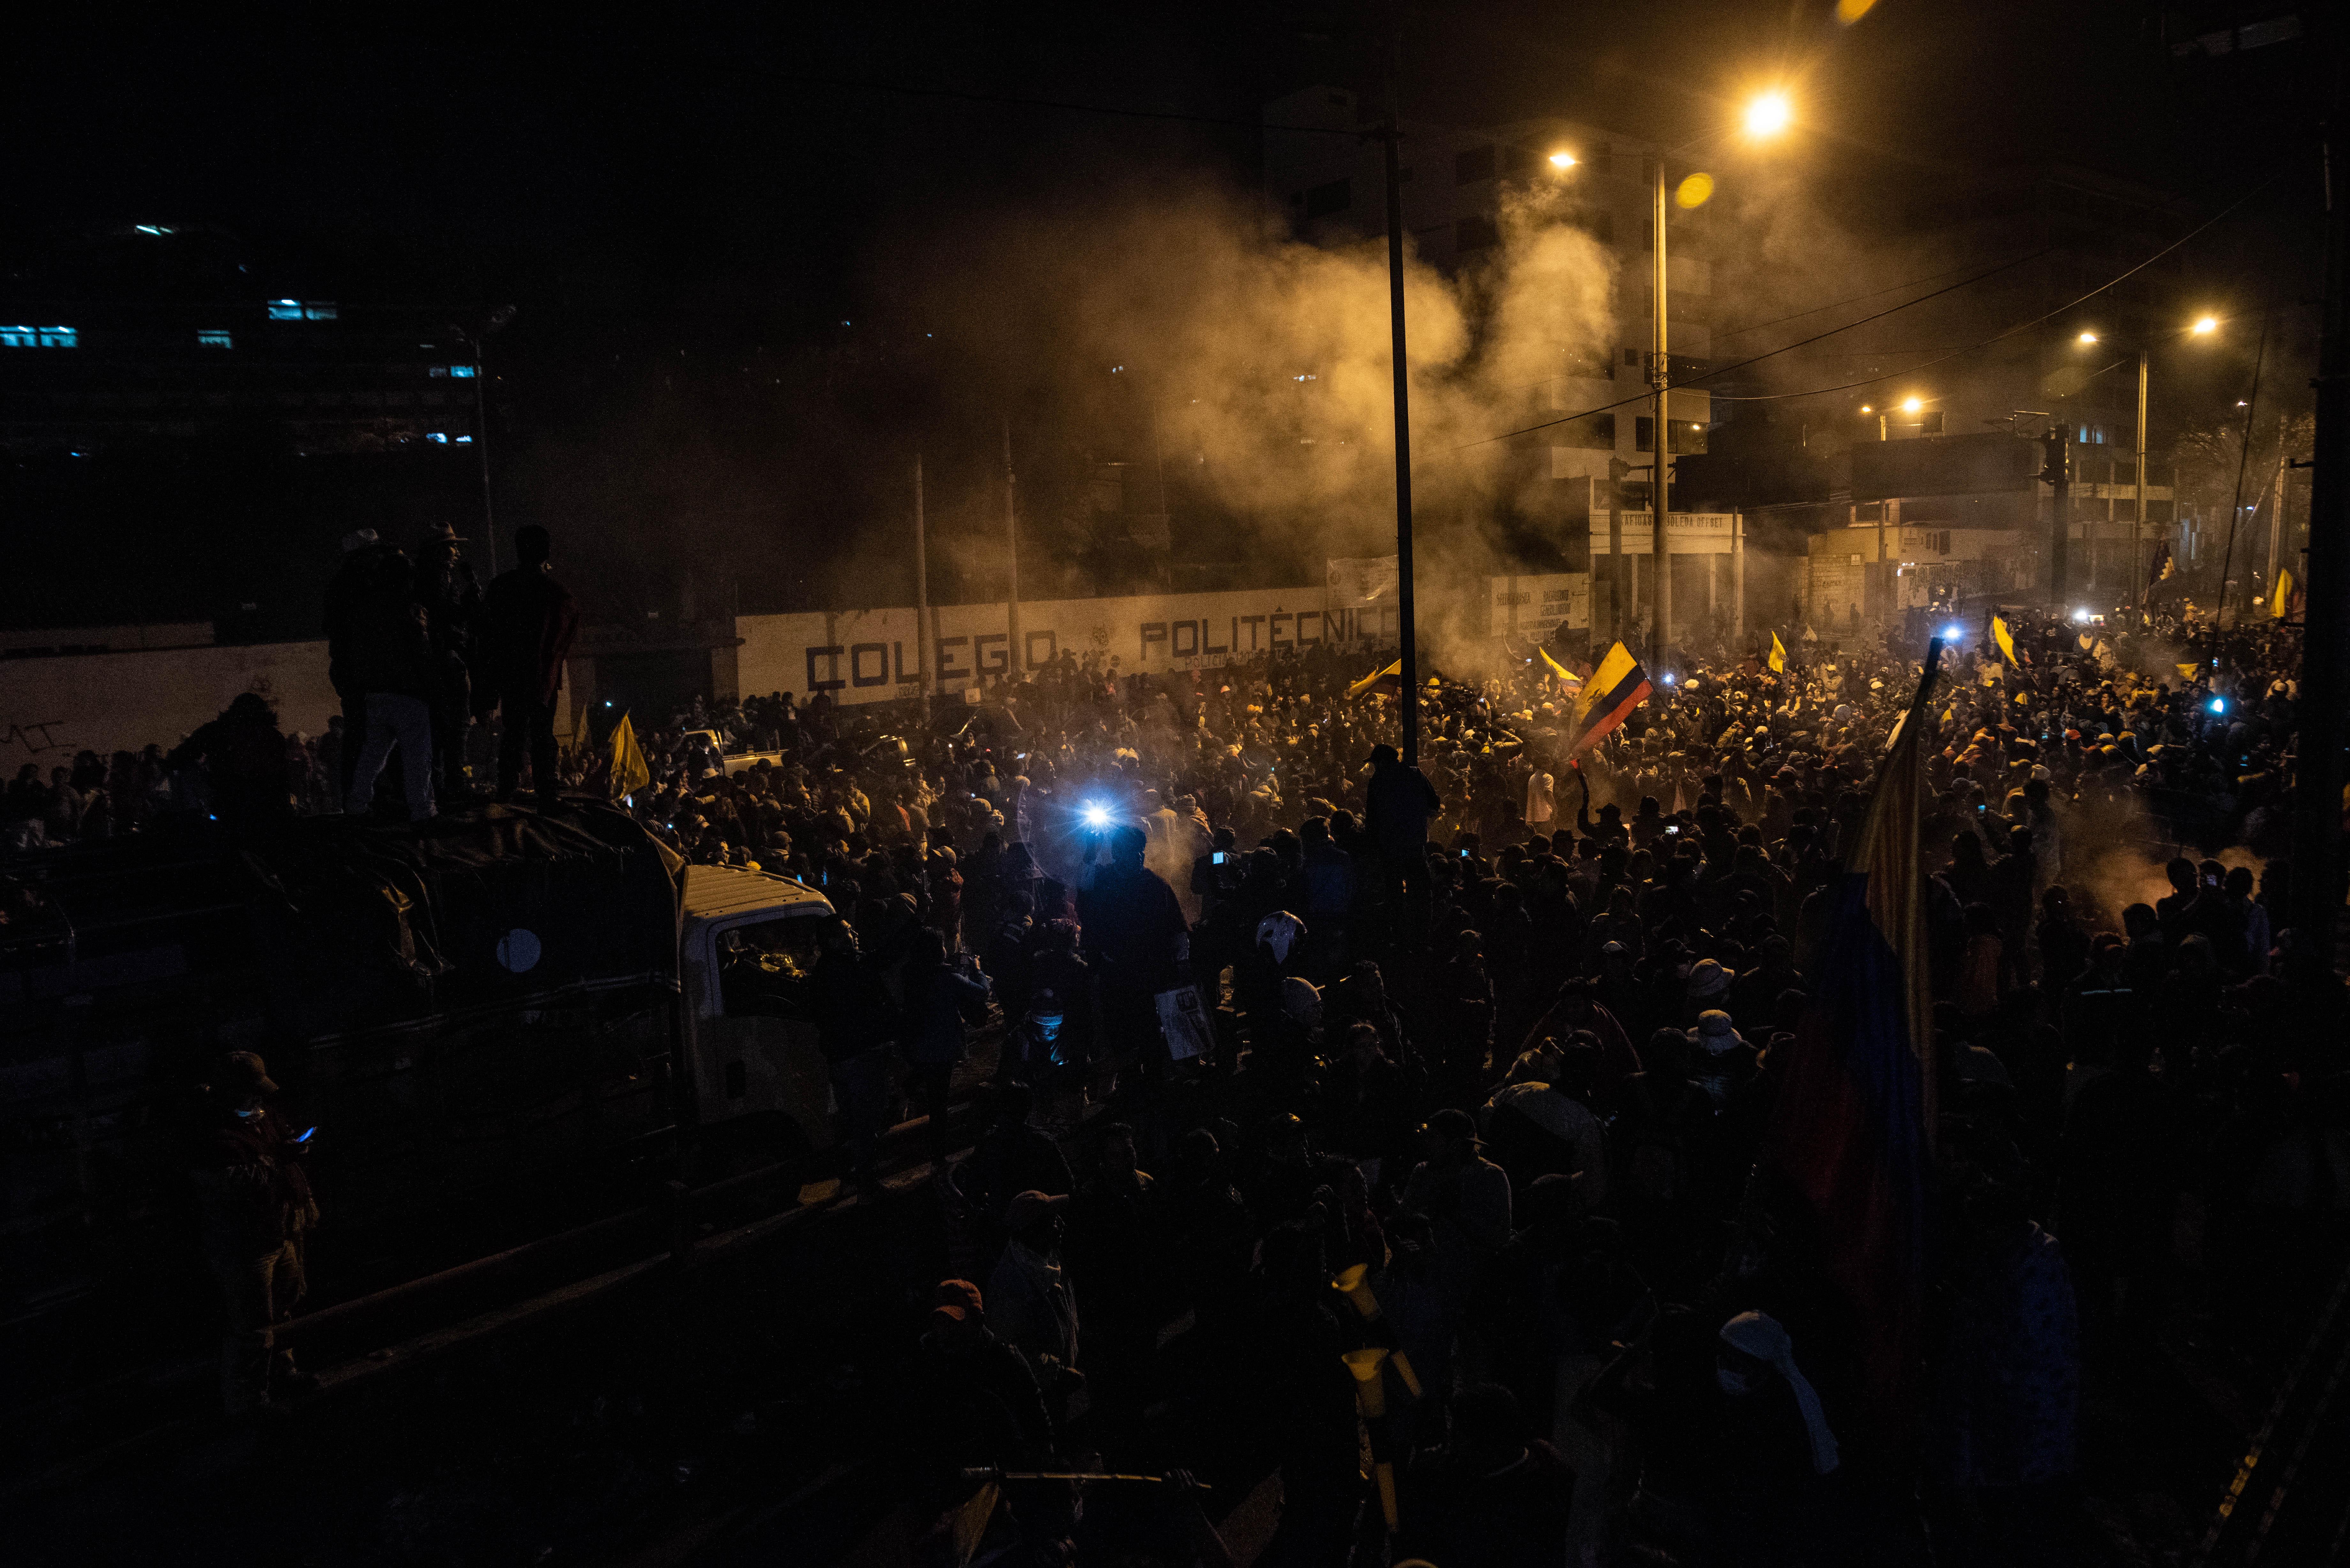 """Familias enteras tomaron las calles, mientras en el parque del Arbolito, epicentro de los disturbios en la capital, una multitud de manifestantes gritaban insistentemente: """"¡Sí se puede, sí se puede!""""."""